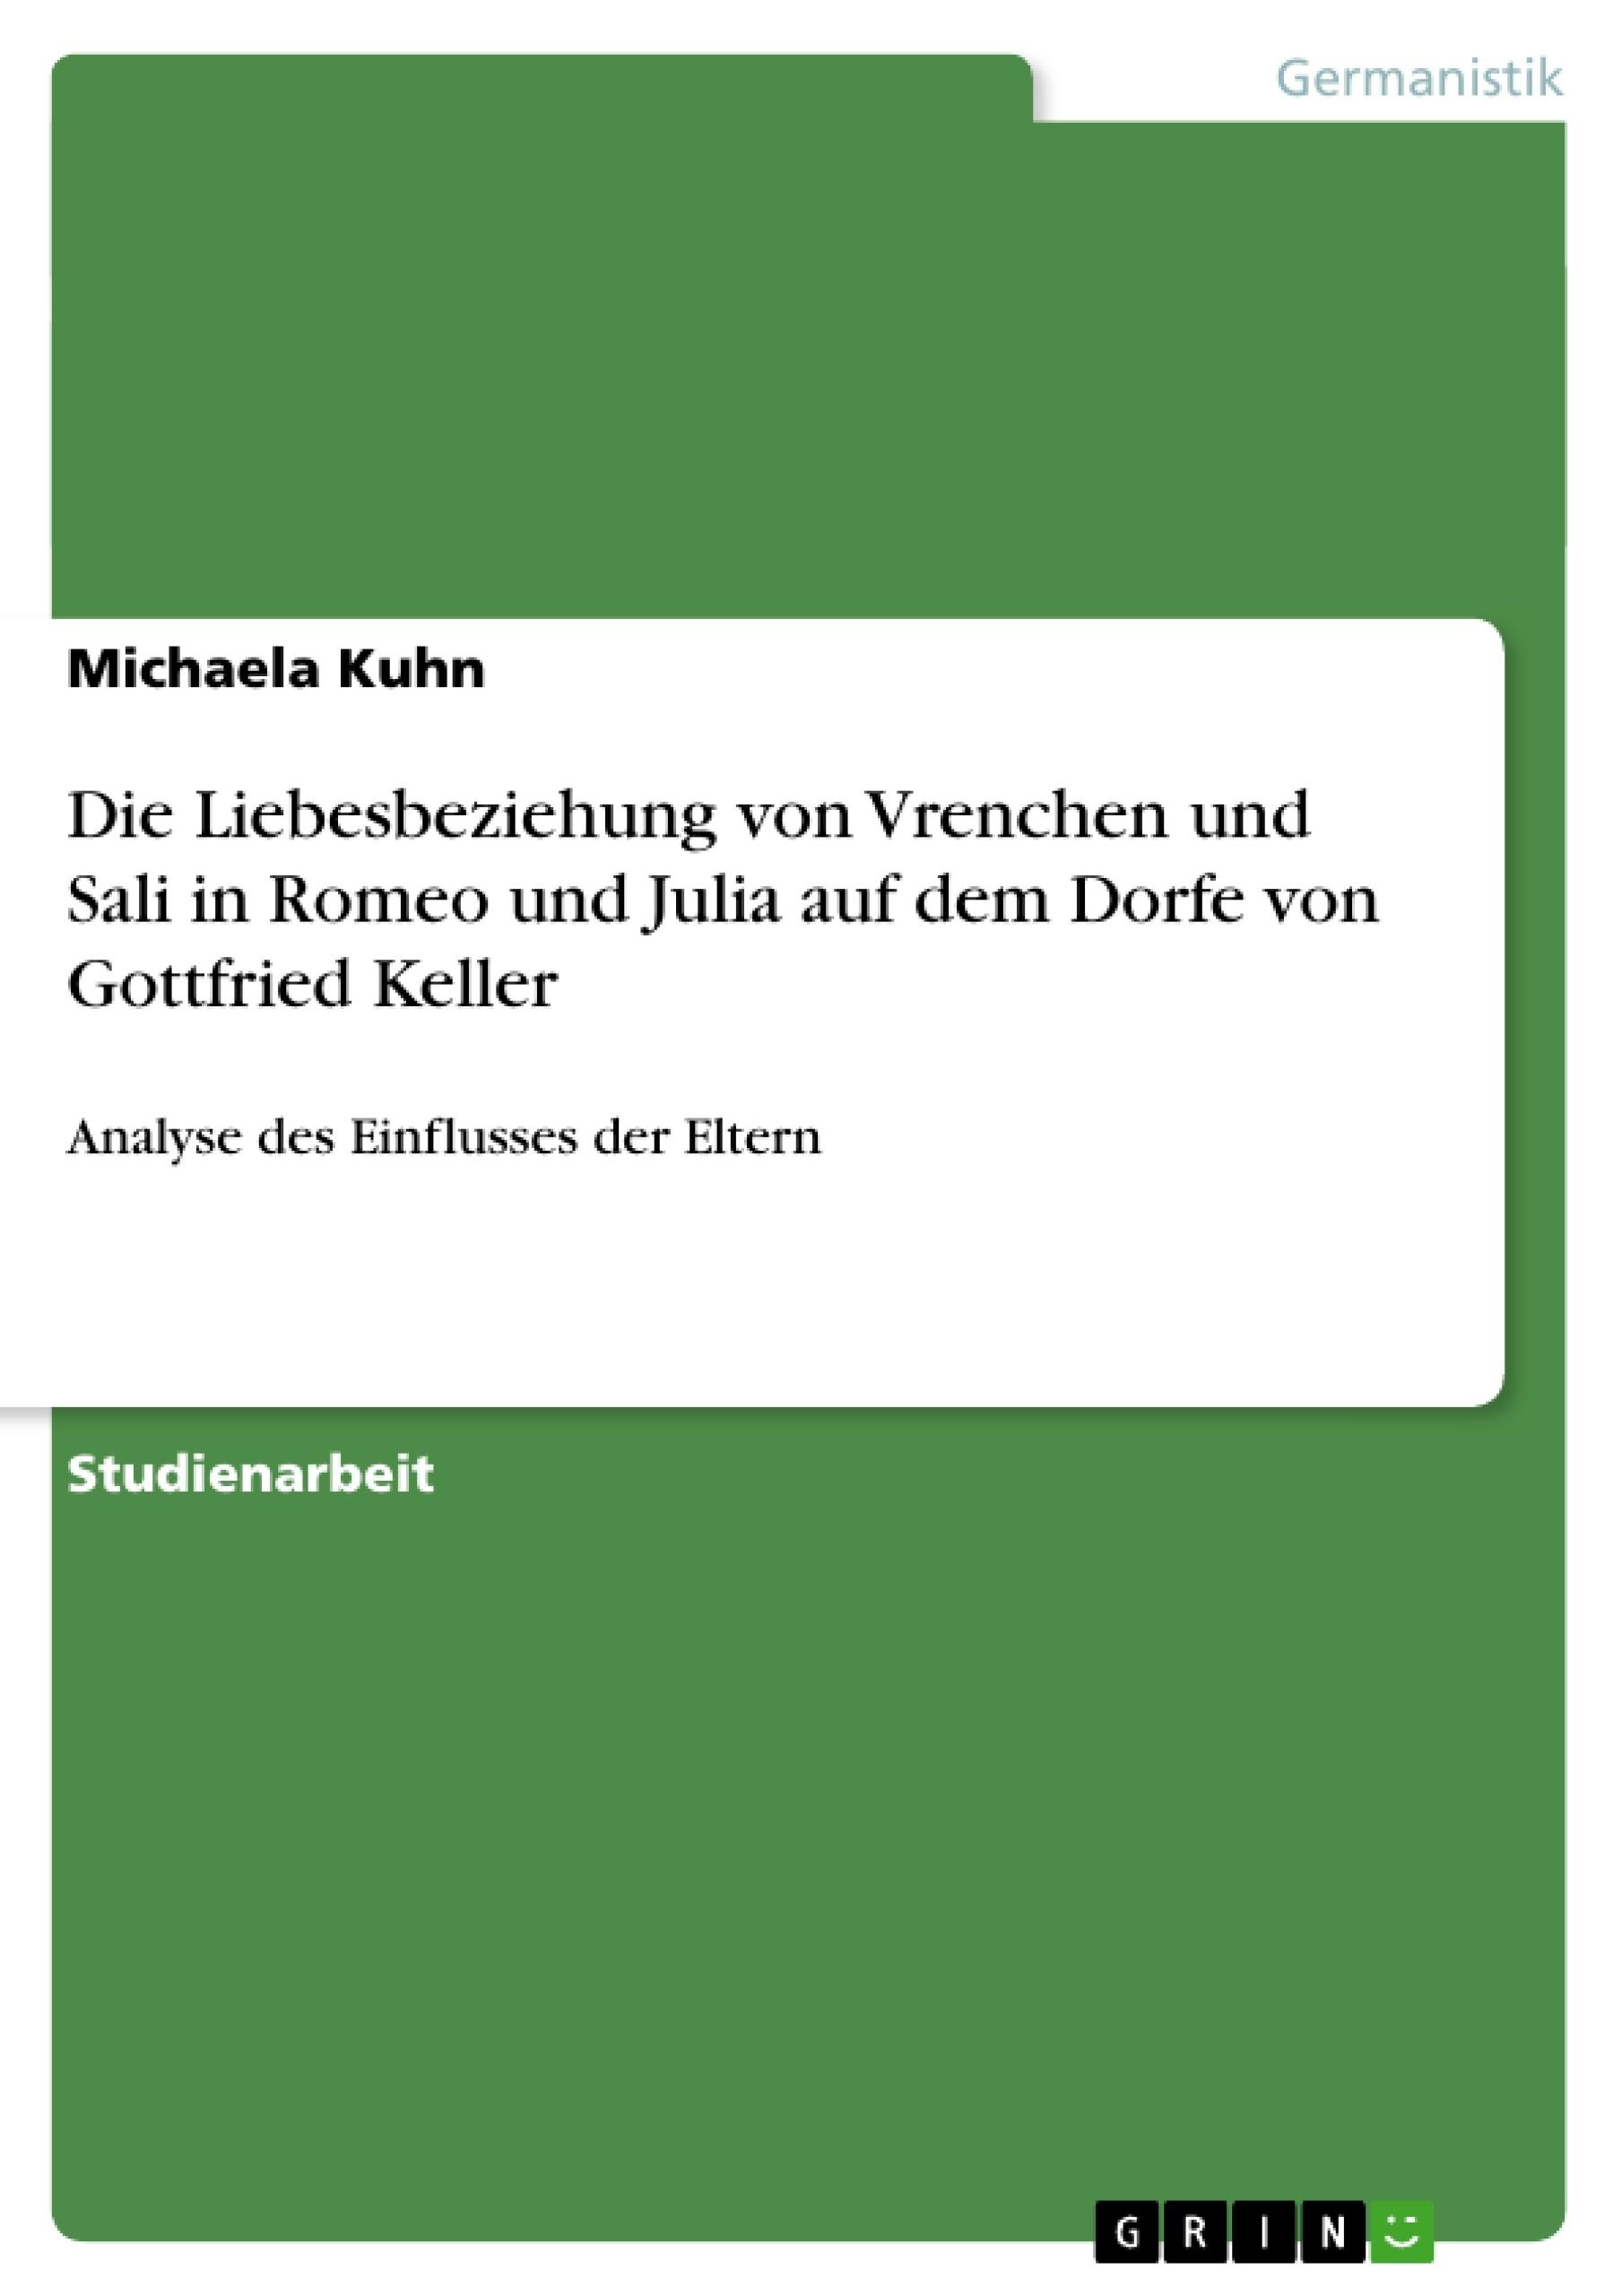 Titel: Die Liebesbeziehung von Vrenchen und Sali in Romeo und Julia auf dem Dorfe von Gottfried Keller